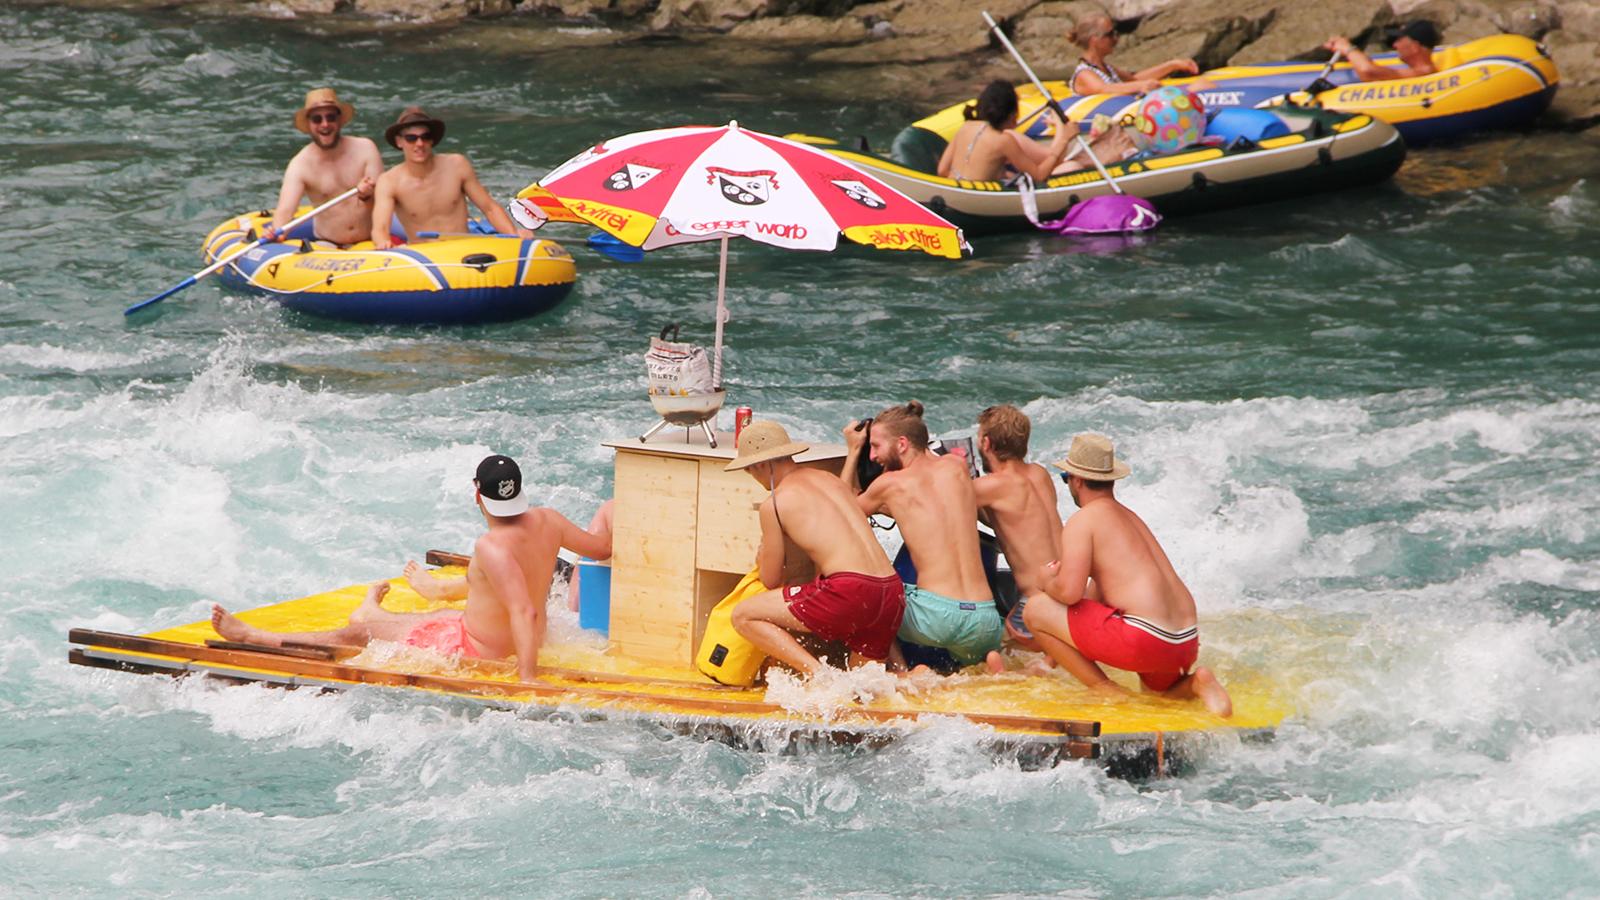 Es muss ja nicht immer ein Schlauchboot sein. Hier haben gerade ein paar wackere Flossfahrer die Uttigenwelle bezwungen